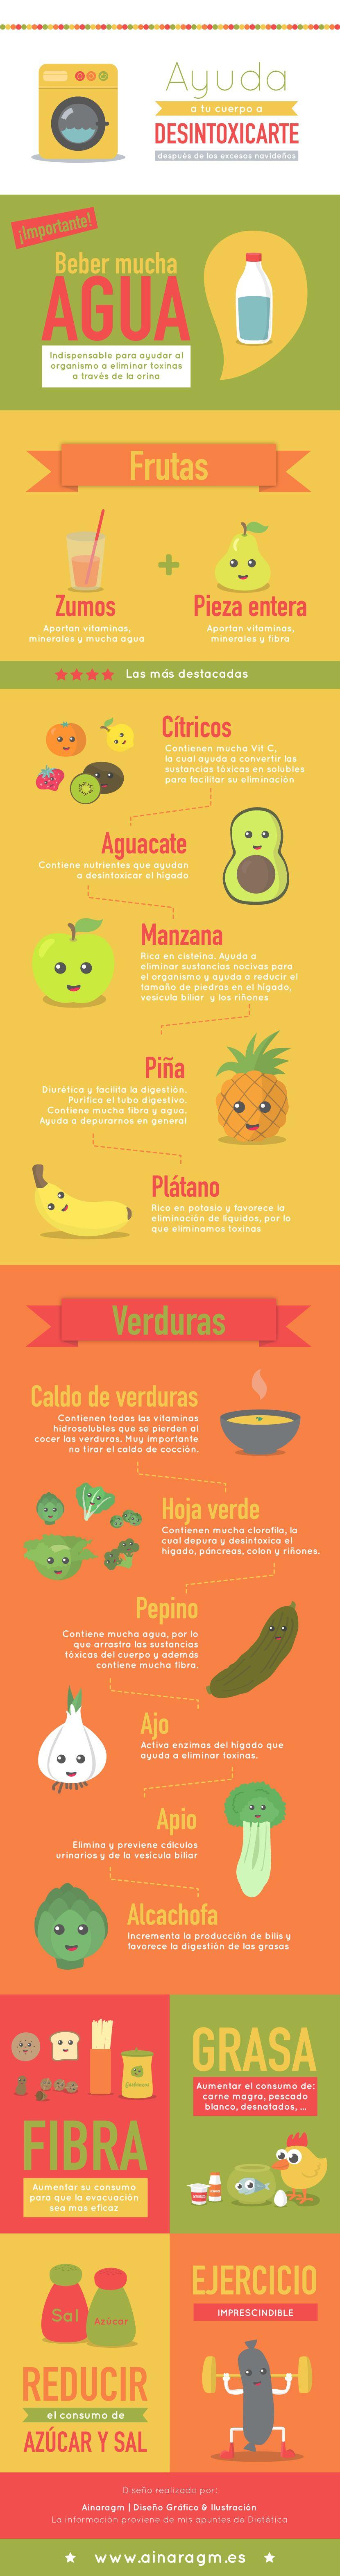 infografía dieta desintoxicante